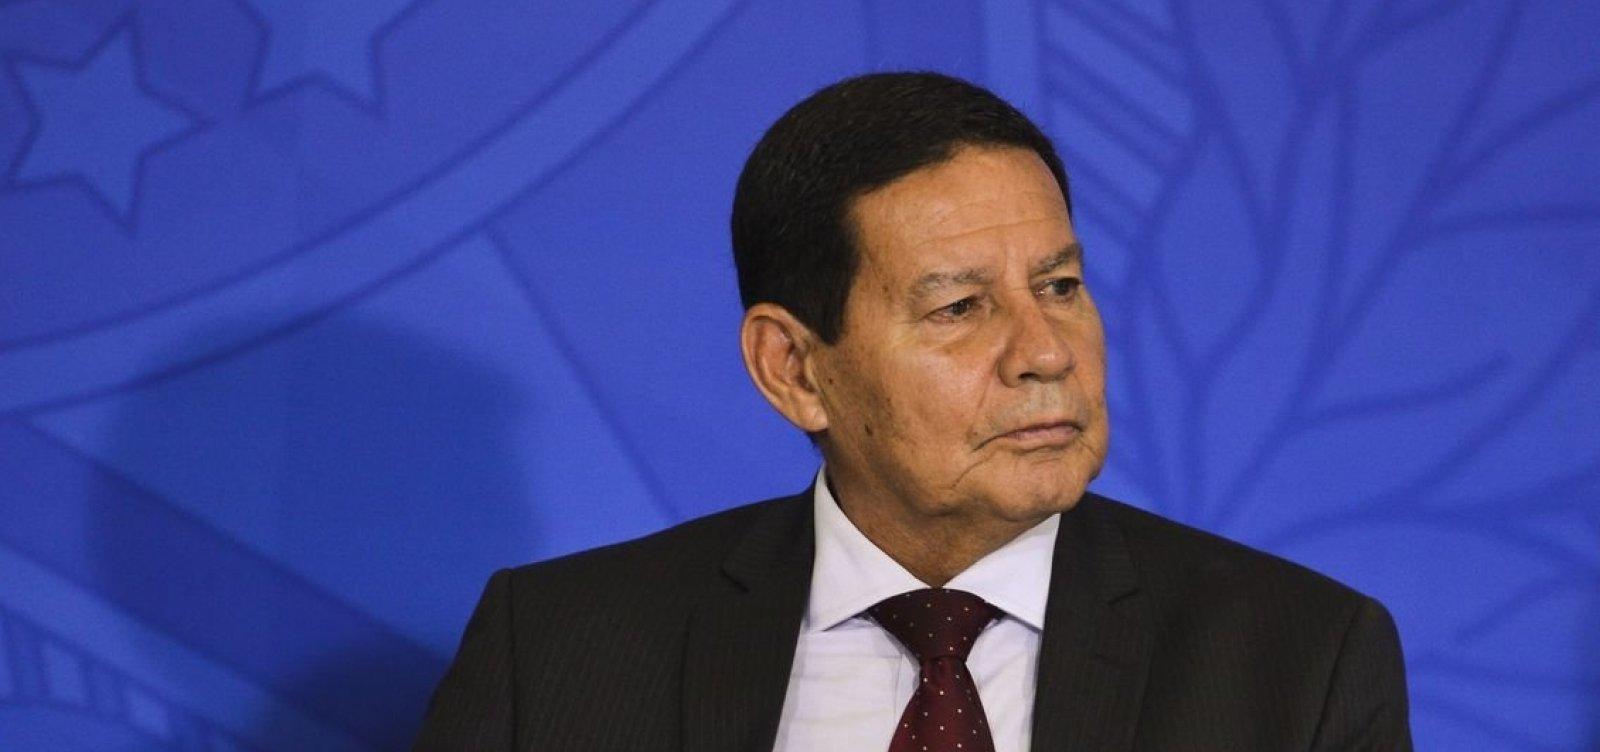 [Mourão descarta possibilidade de intervenção militar do Brasil na Venezuela]